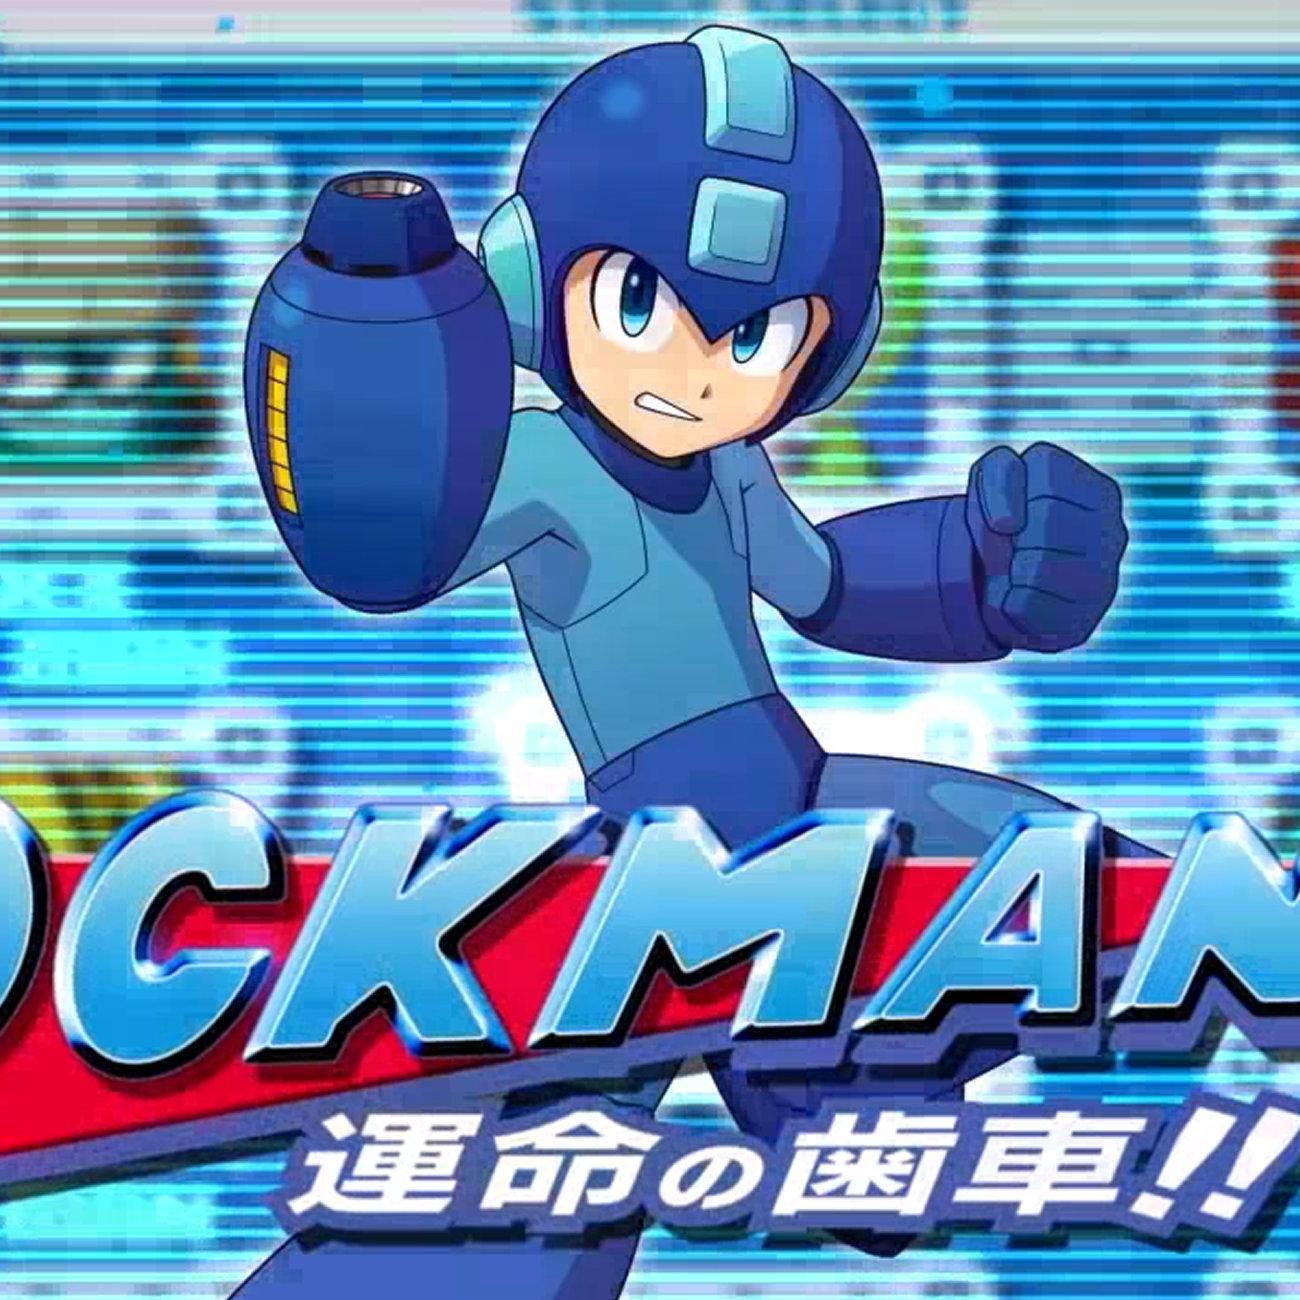 ロックマン11、DLCが配信されるのではと噂